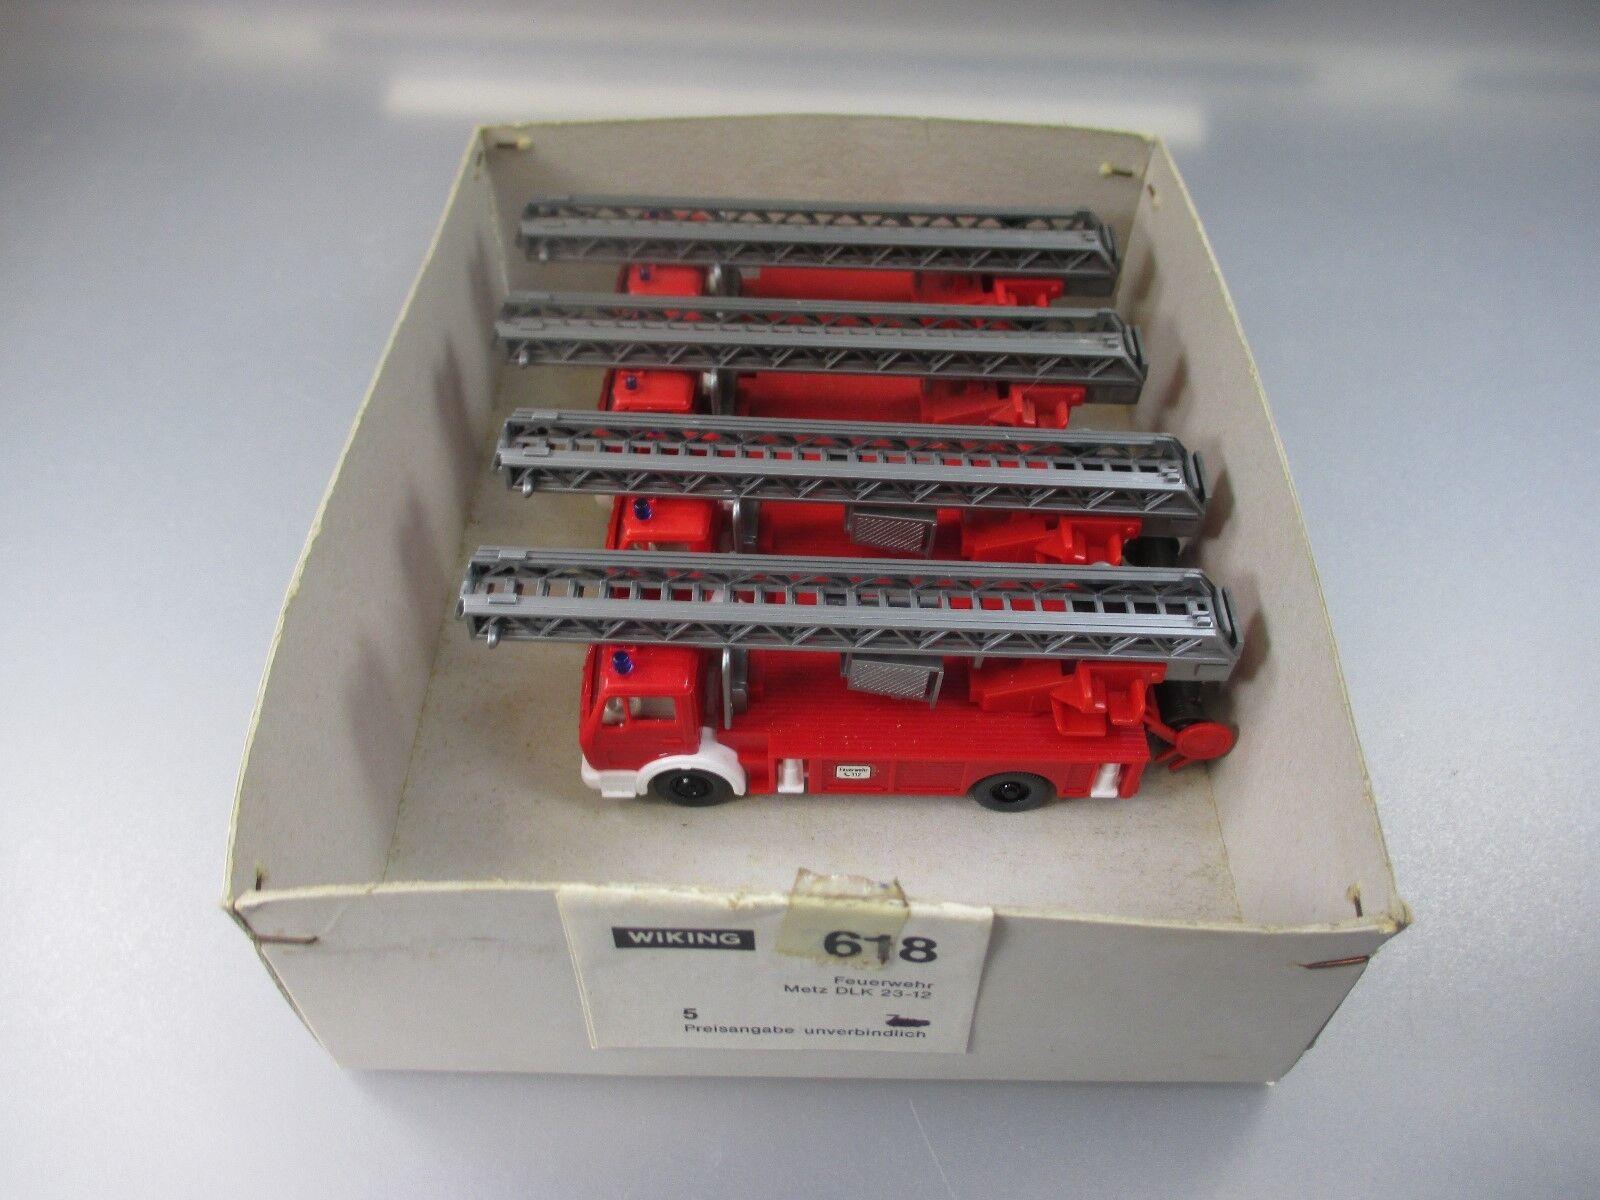 Wiking  commerçants Conditionnement 618 Avec 4x Pompiers Mercedes Benz prescripteurs 23-12 (ssk60)